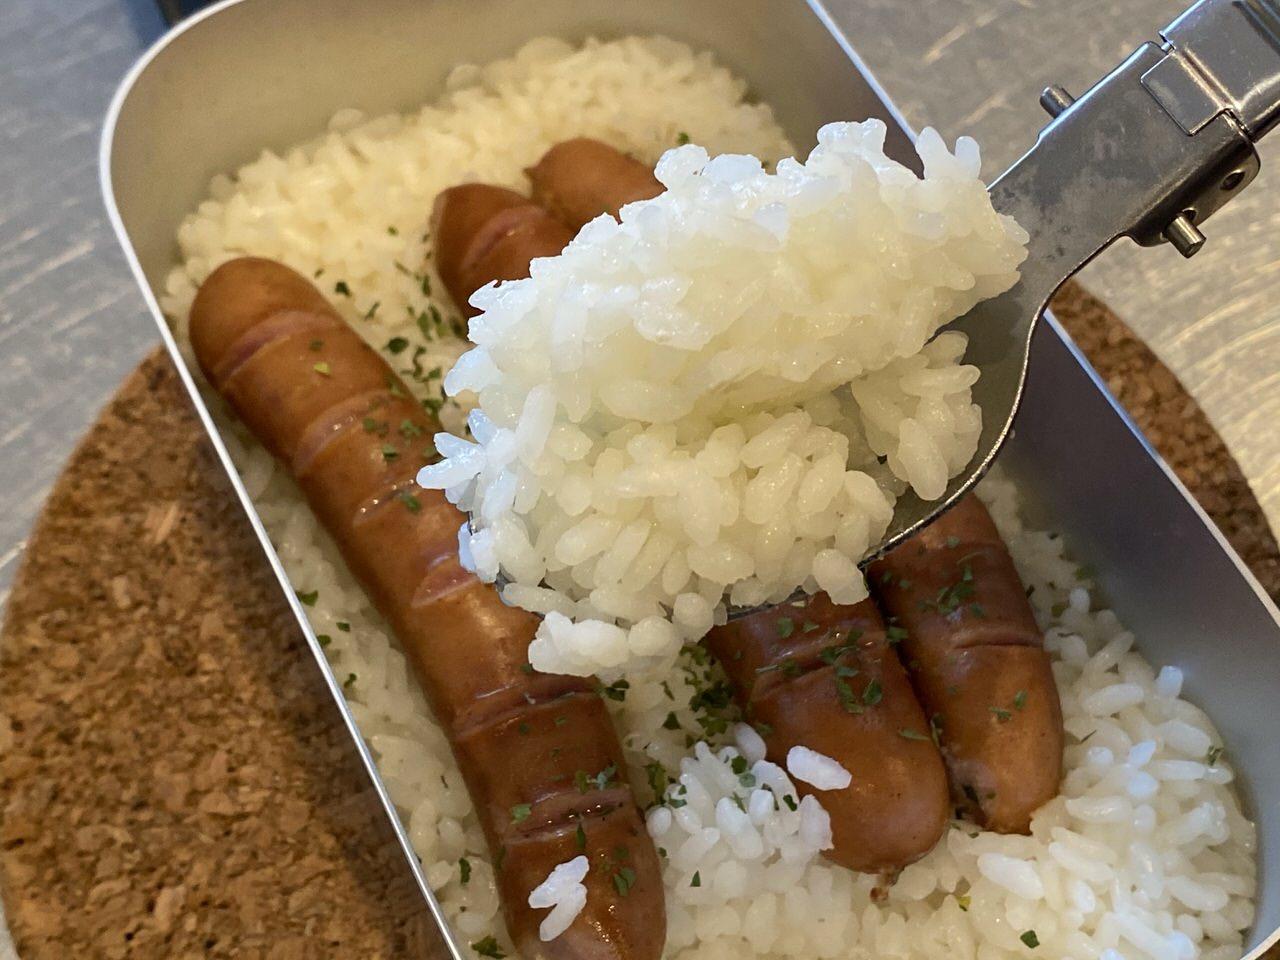 【メスティン】ソーセージ炊き込みごはん 13